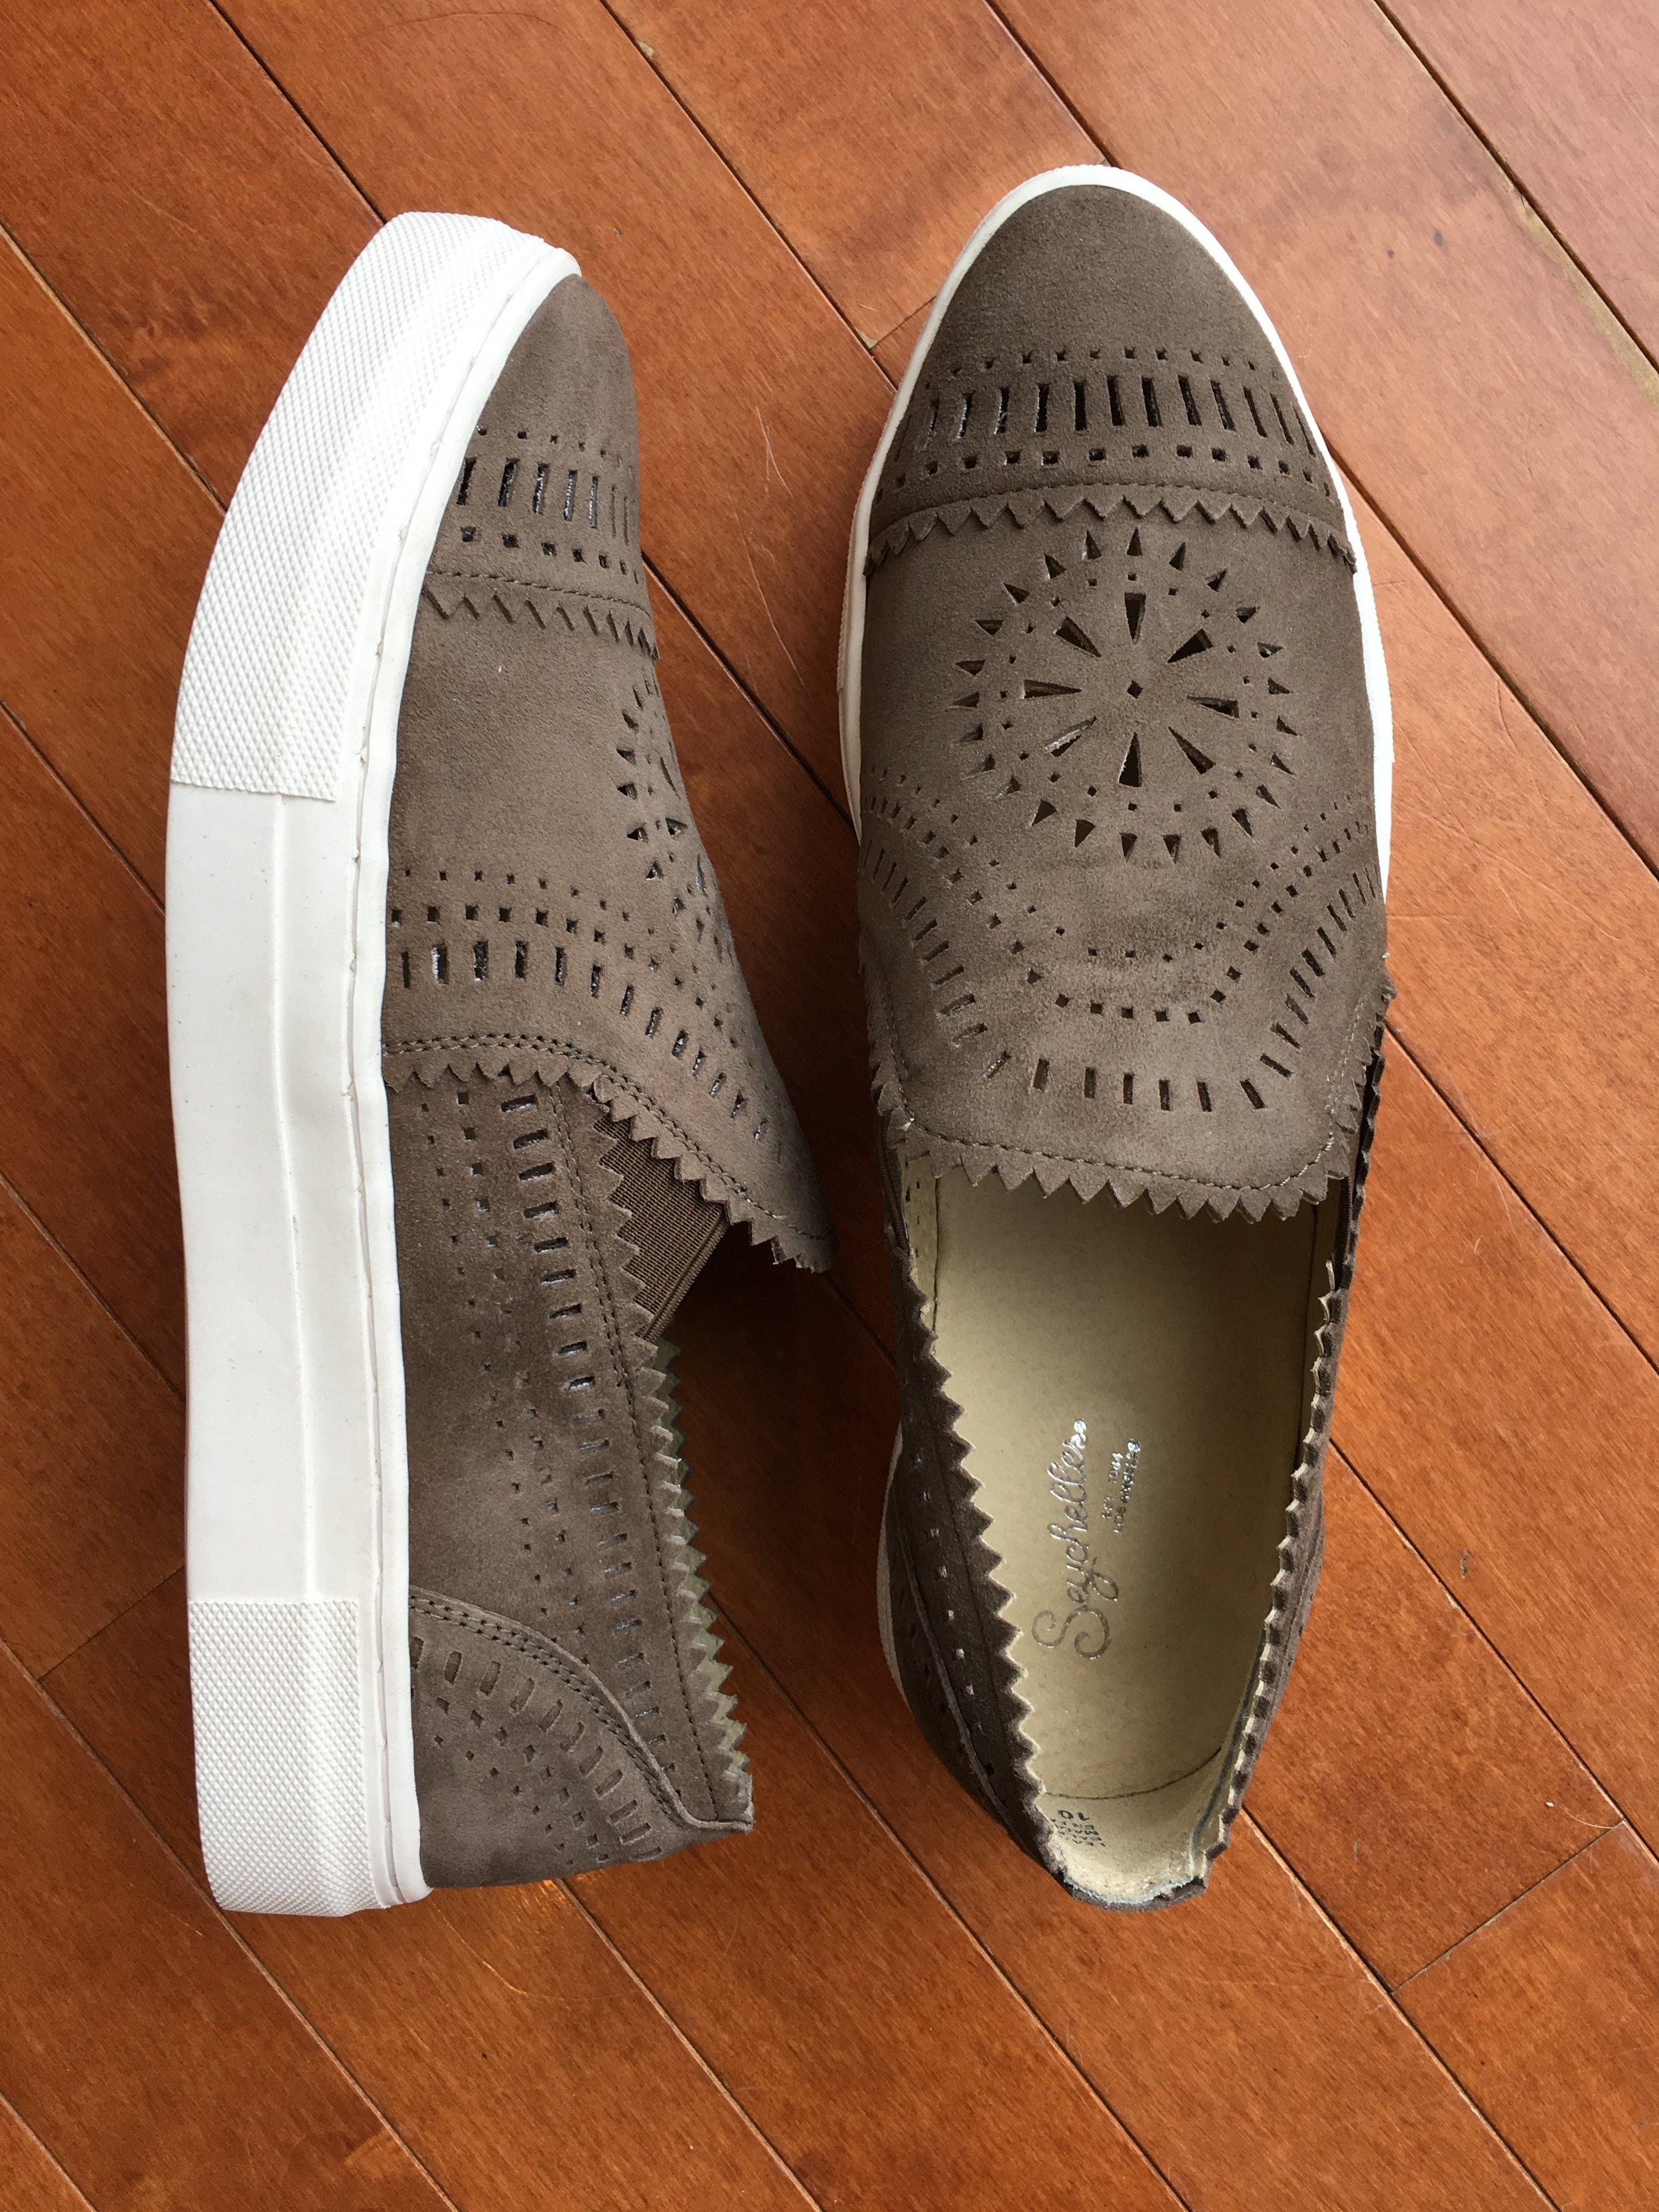 Saychelles pull-on sneakers